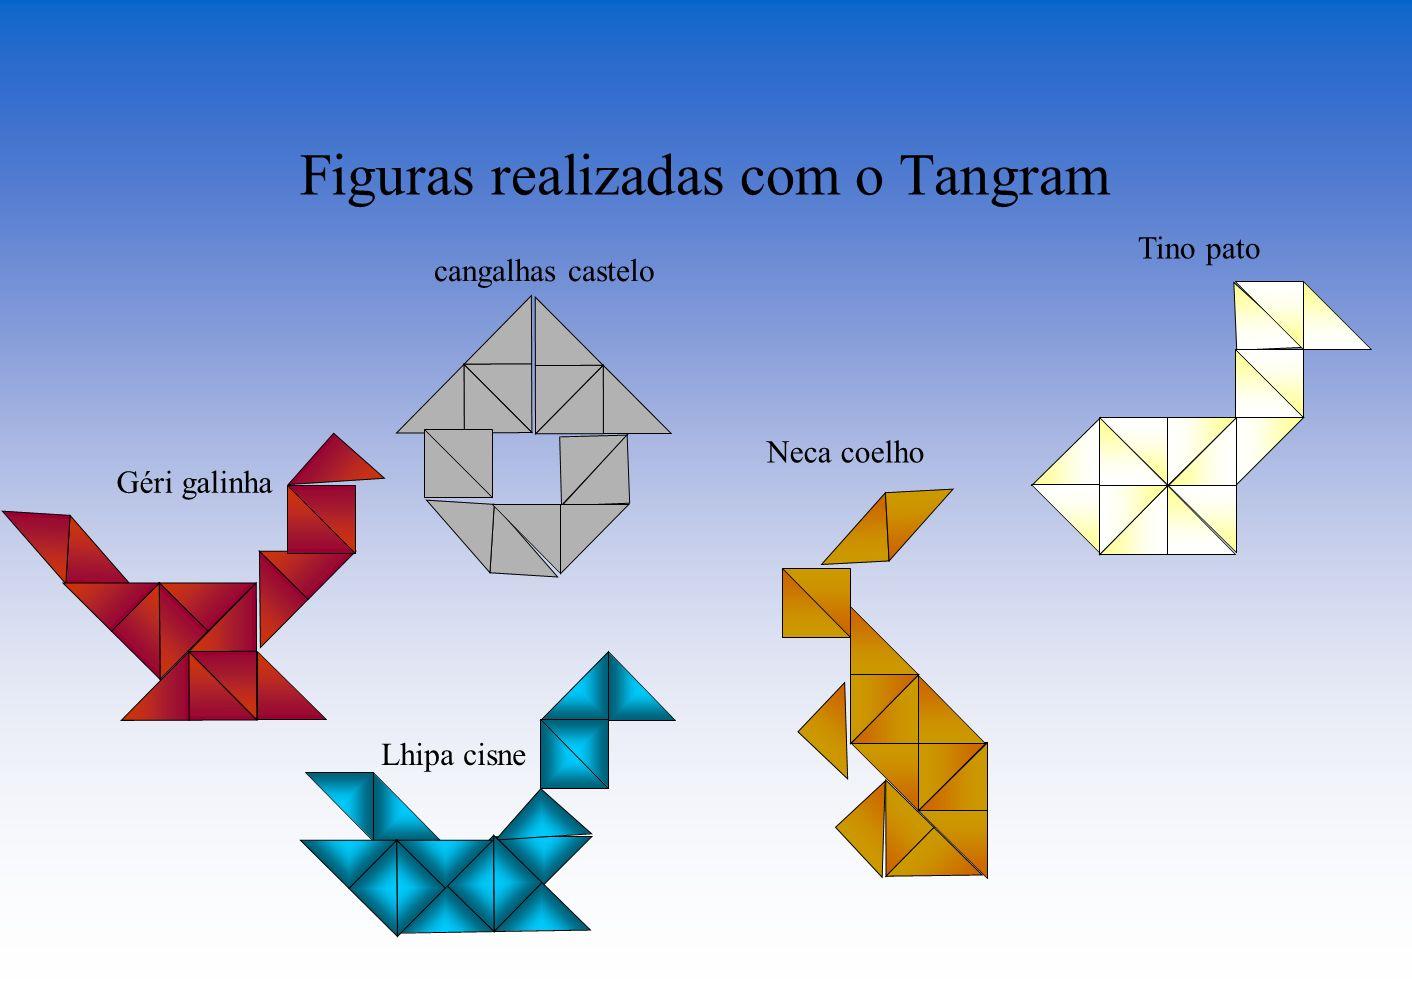 Figuras realizadas com o Tangram cangalhas castelo Géri galinha Lhipa cisne Neca coelho Tino pato